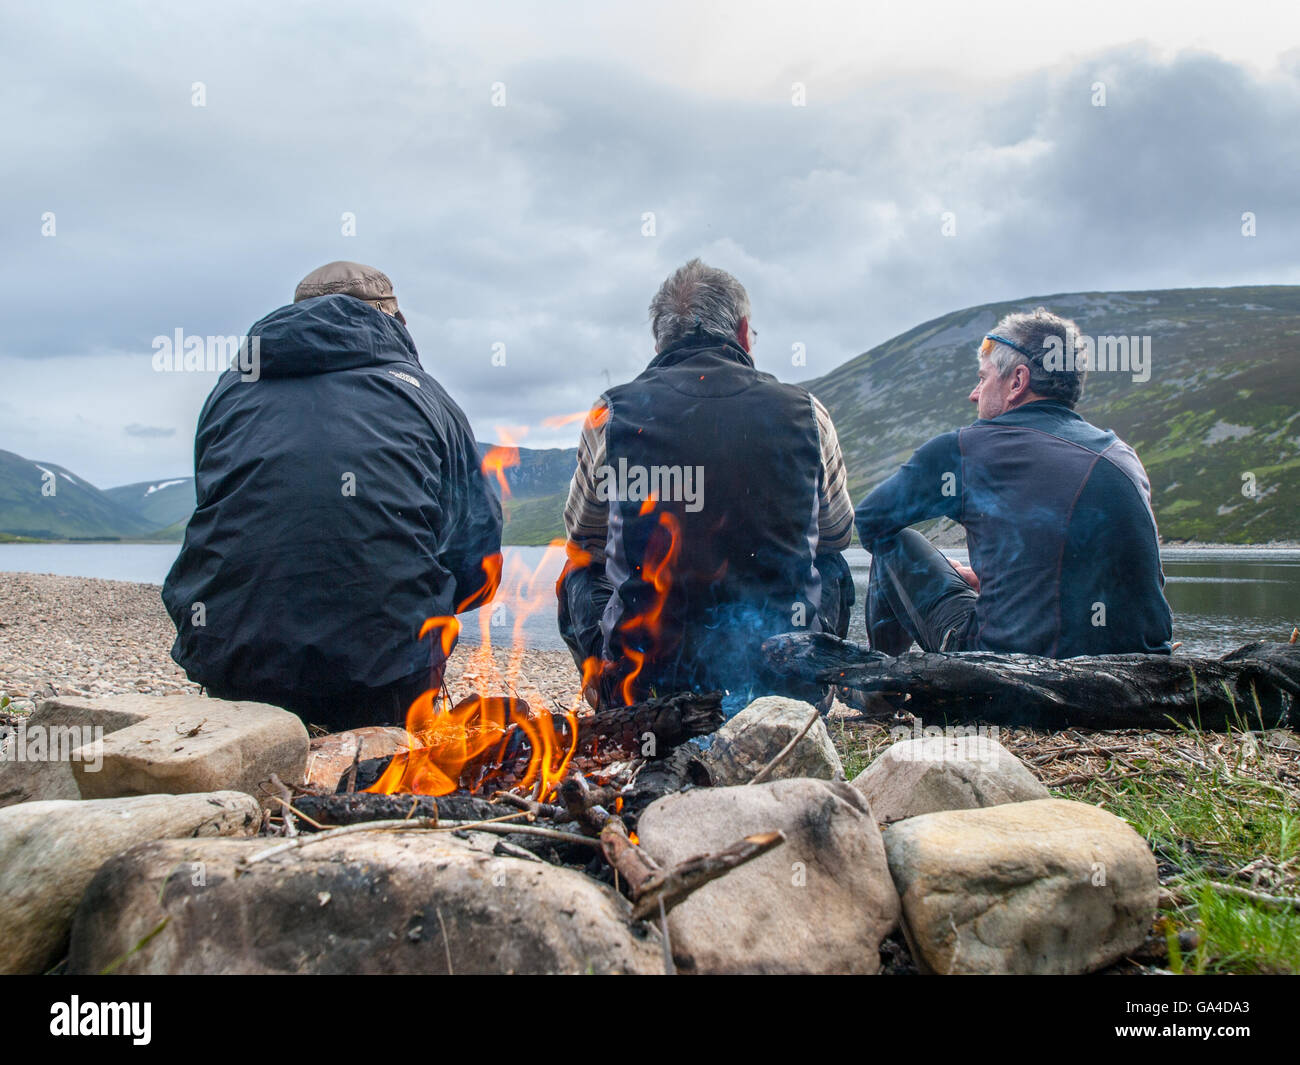 Tre uomini con le spalle ad un fuoco di campo su una bici-packing viaggio in Scozia Immagini Stock